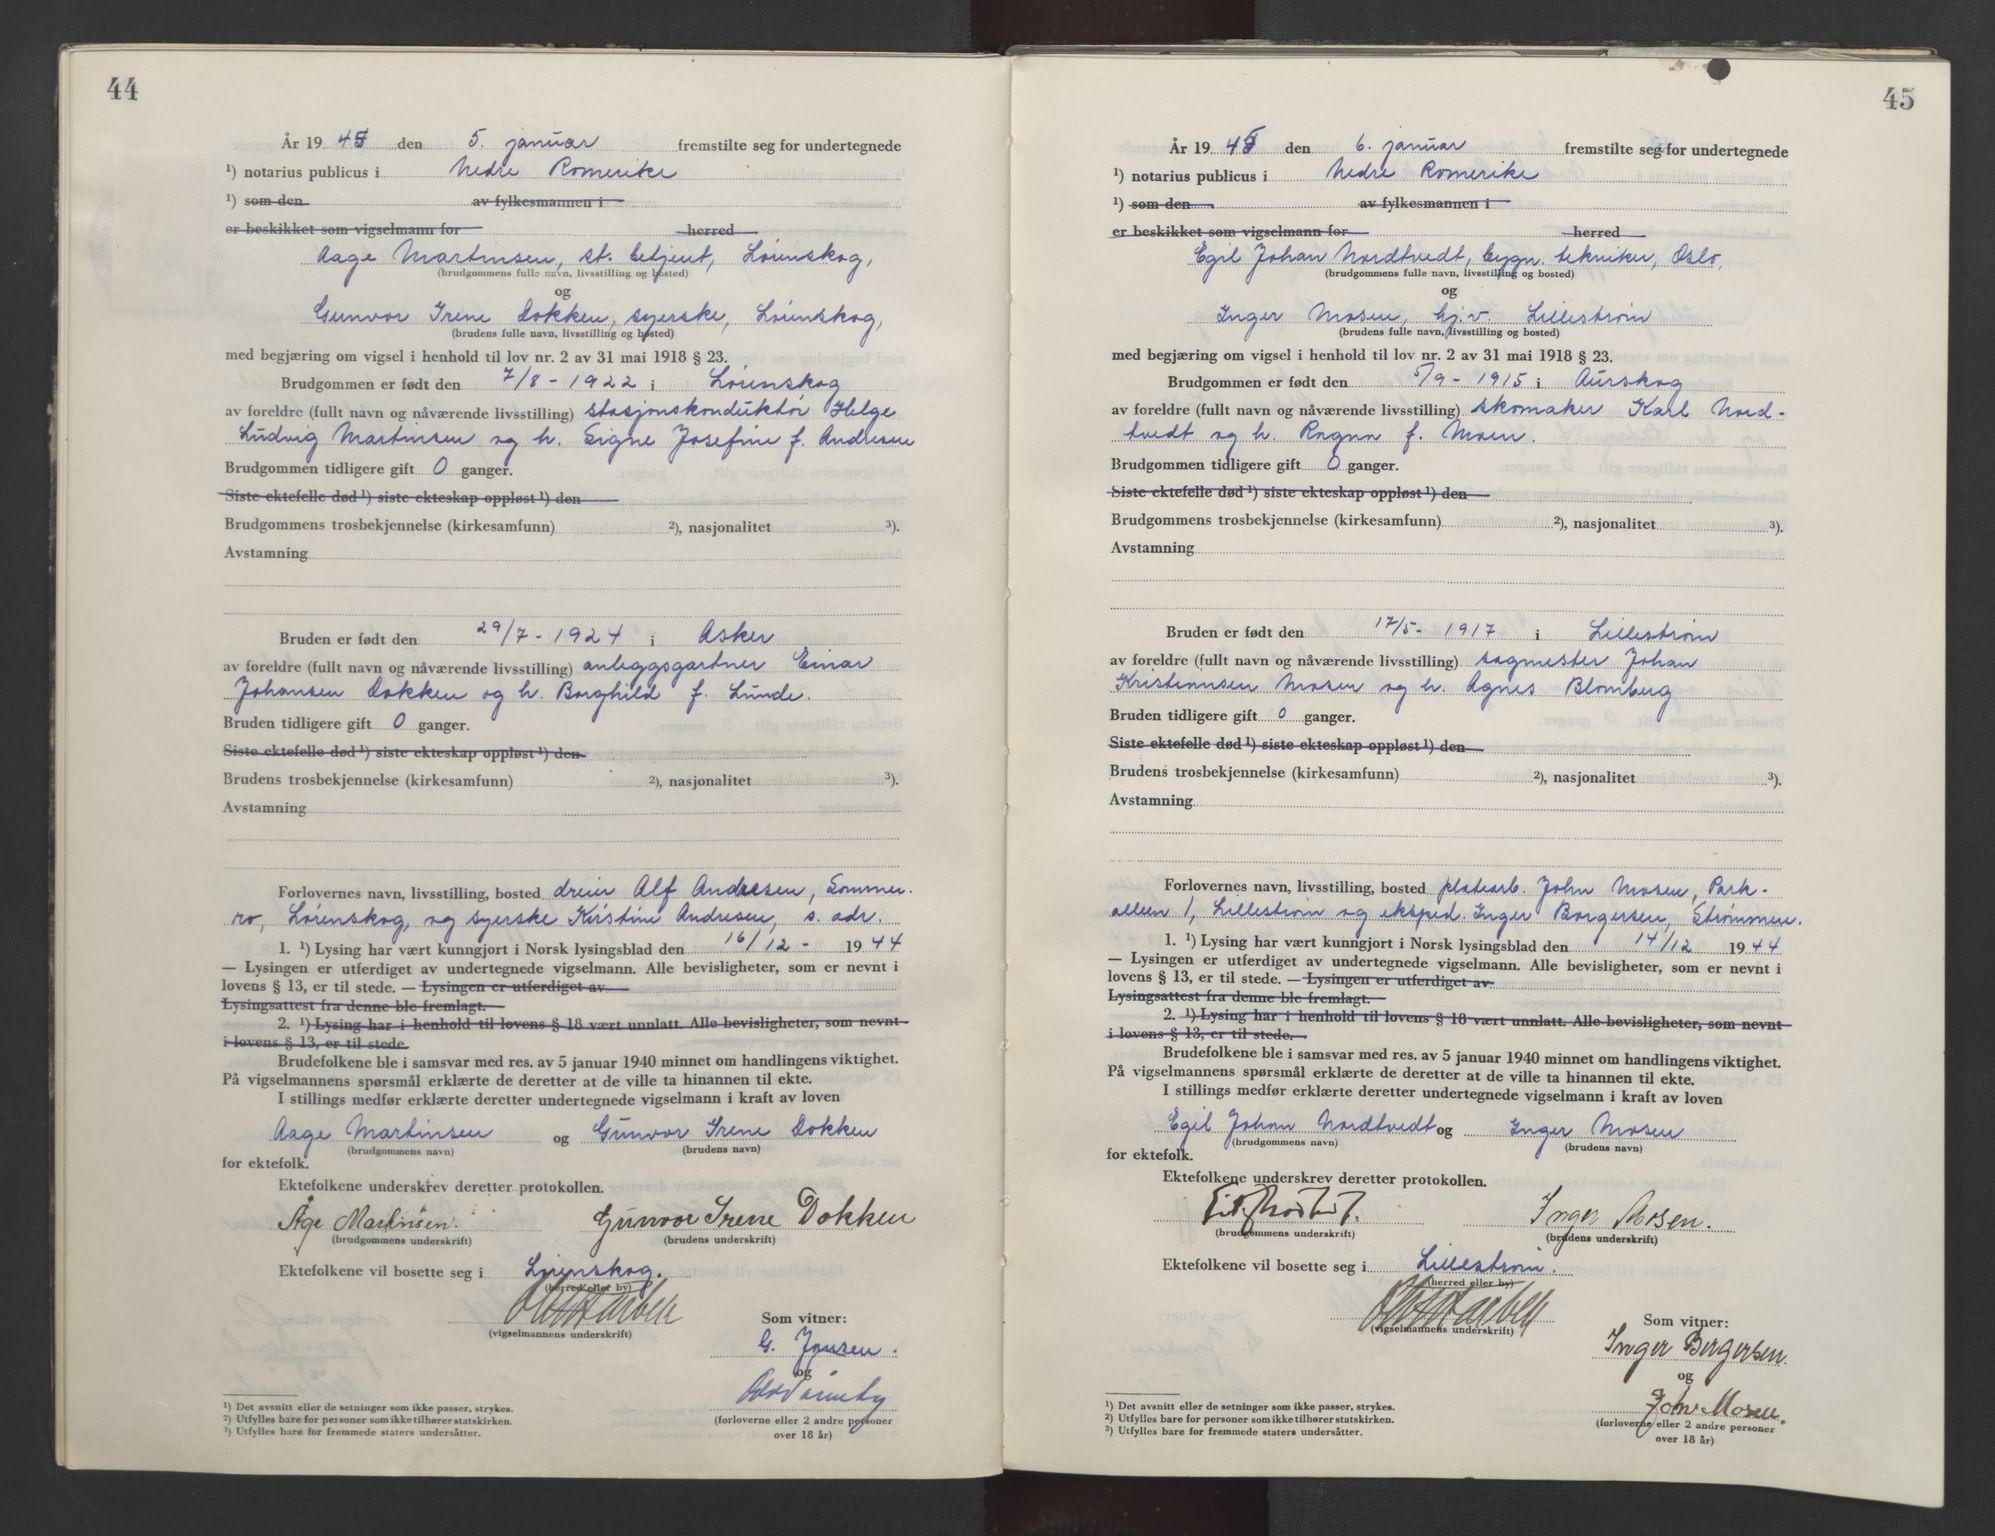 SAO, Nedre Romerike sorenskriveri, L/Lb/L0006: Vigselsbok - borgerlige vielser, 1944-1946, s. 44-45